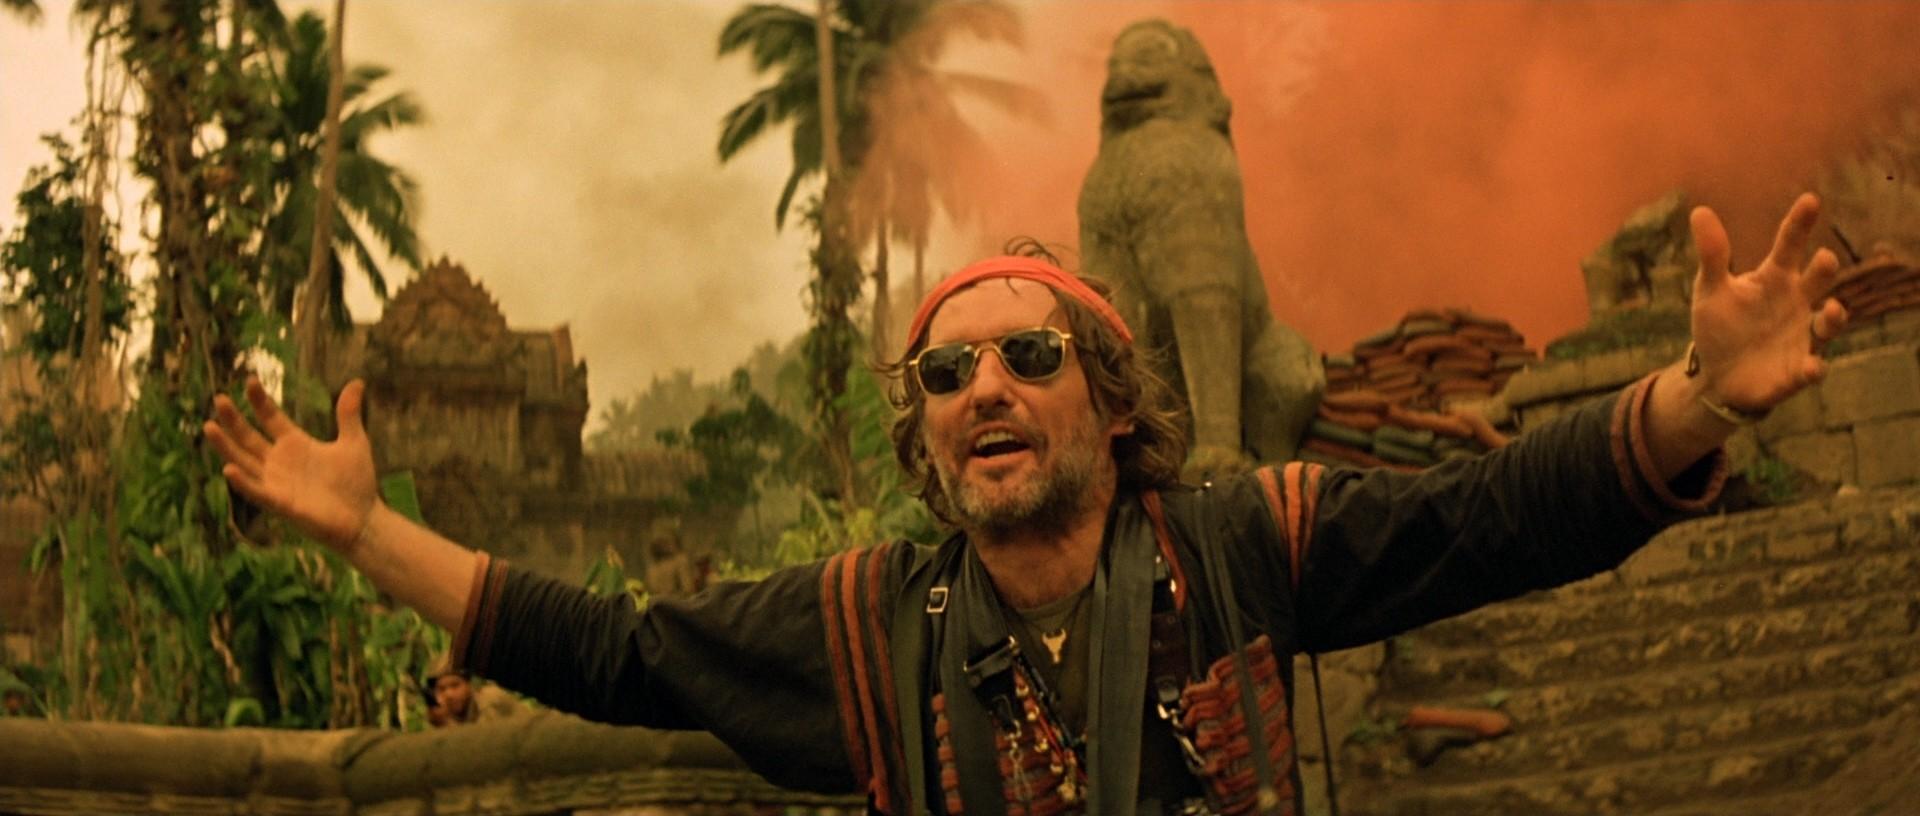 Cena do filme Apocalypse Now (Foto: reprodução)